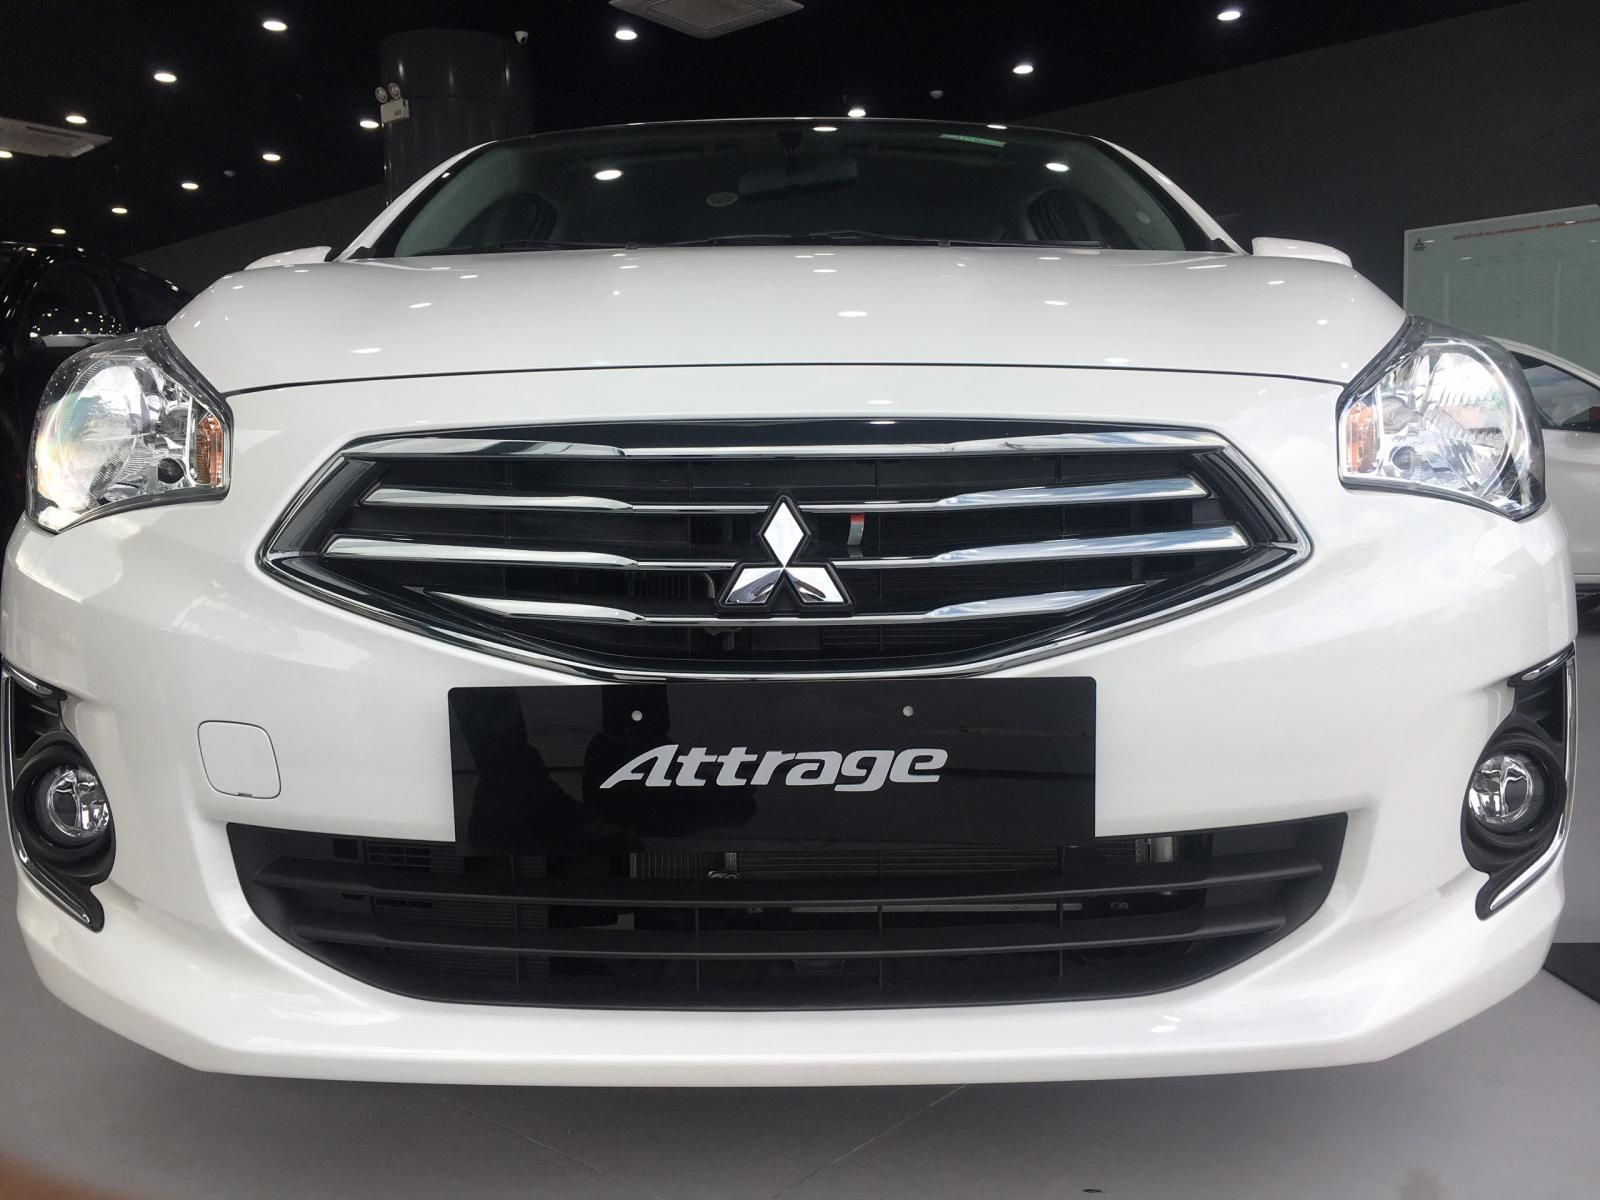 Cần bán xe Mitsubishi Attrage năm sản xuất 2019, màu trắng, nhập khẩu - Có sẵn xe - Giao nhanh